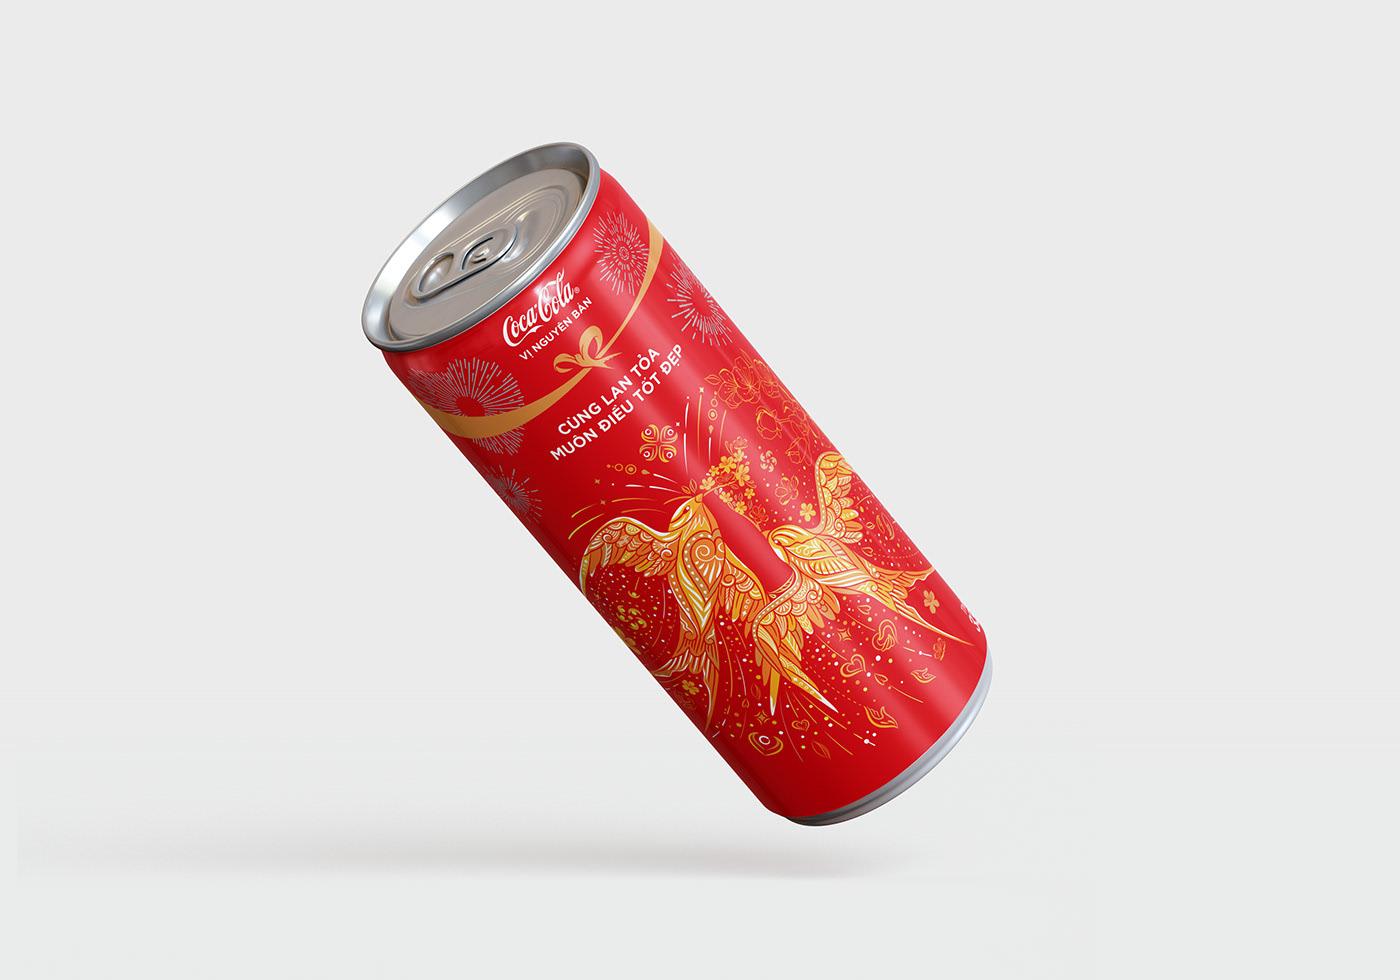 北京包装设计分享|可口可乐包装设计欣赏